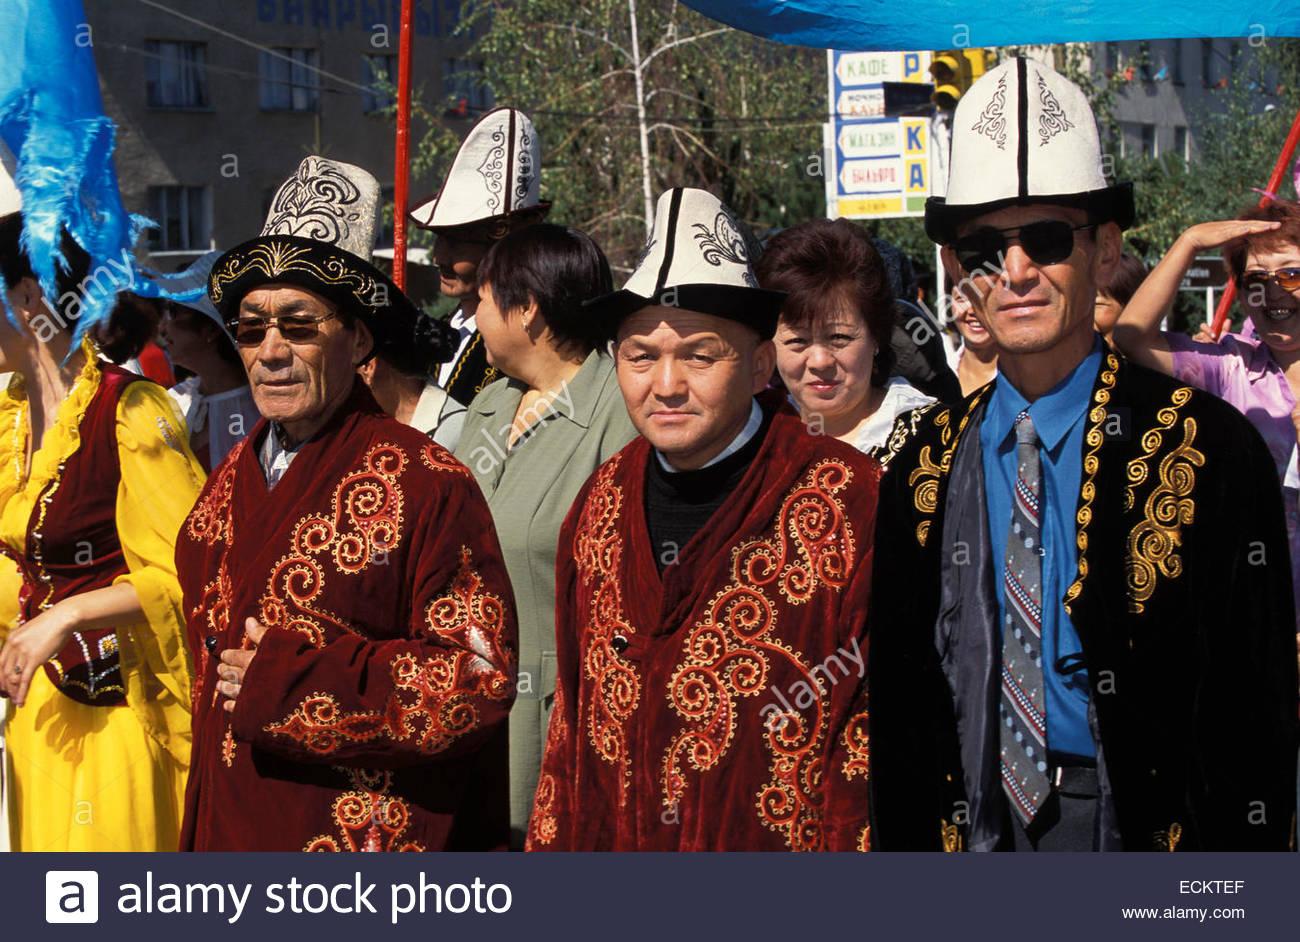 Kyrgyzstan men